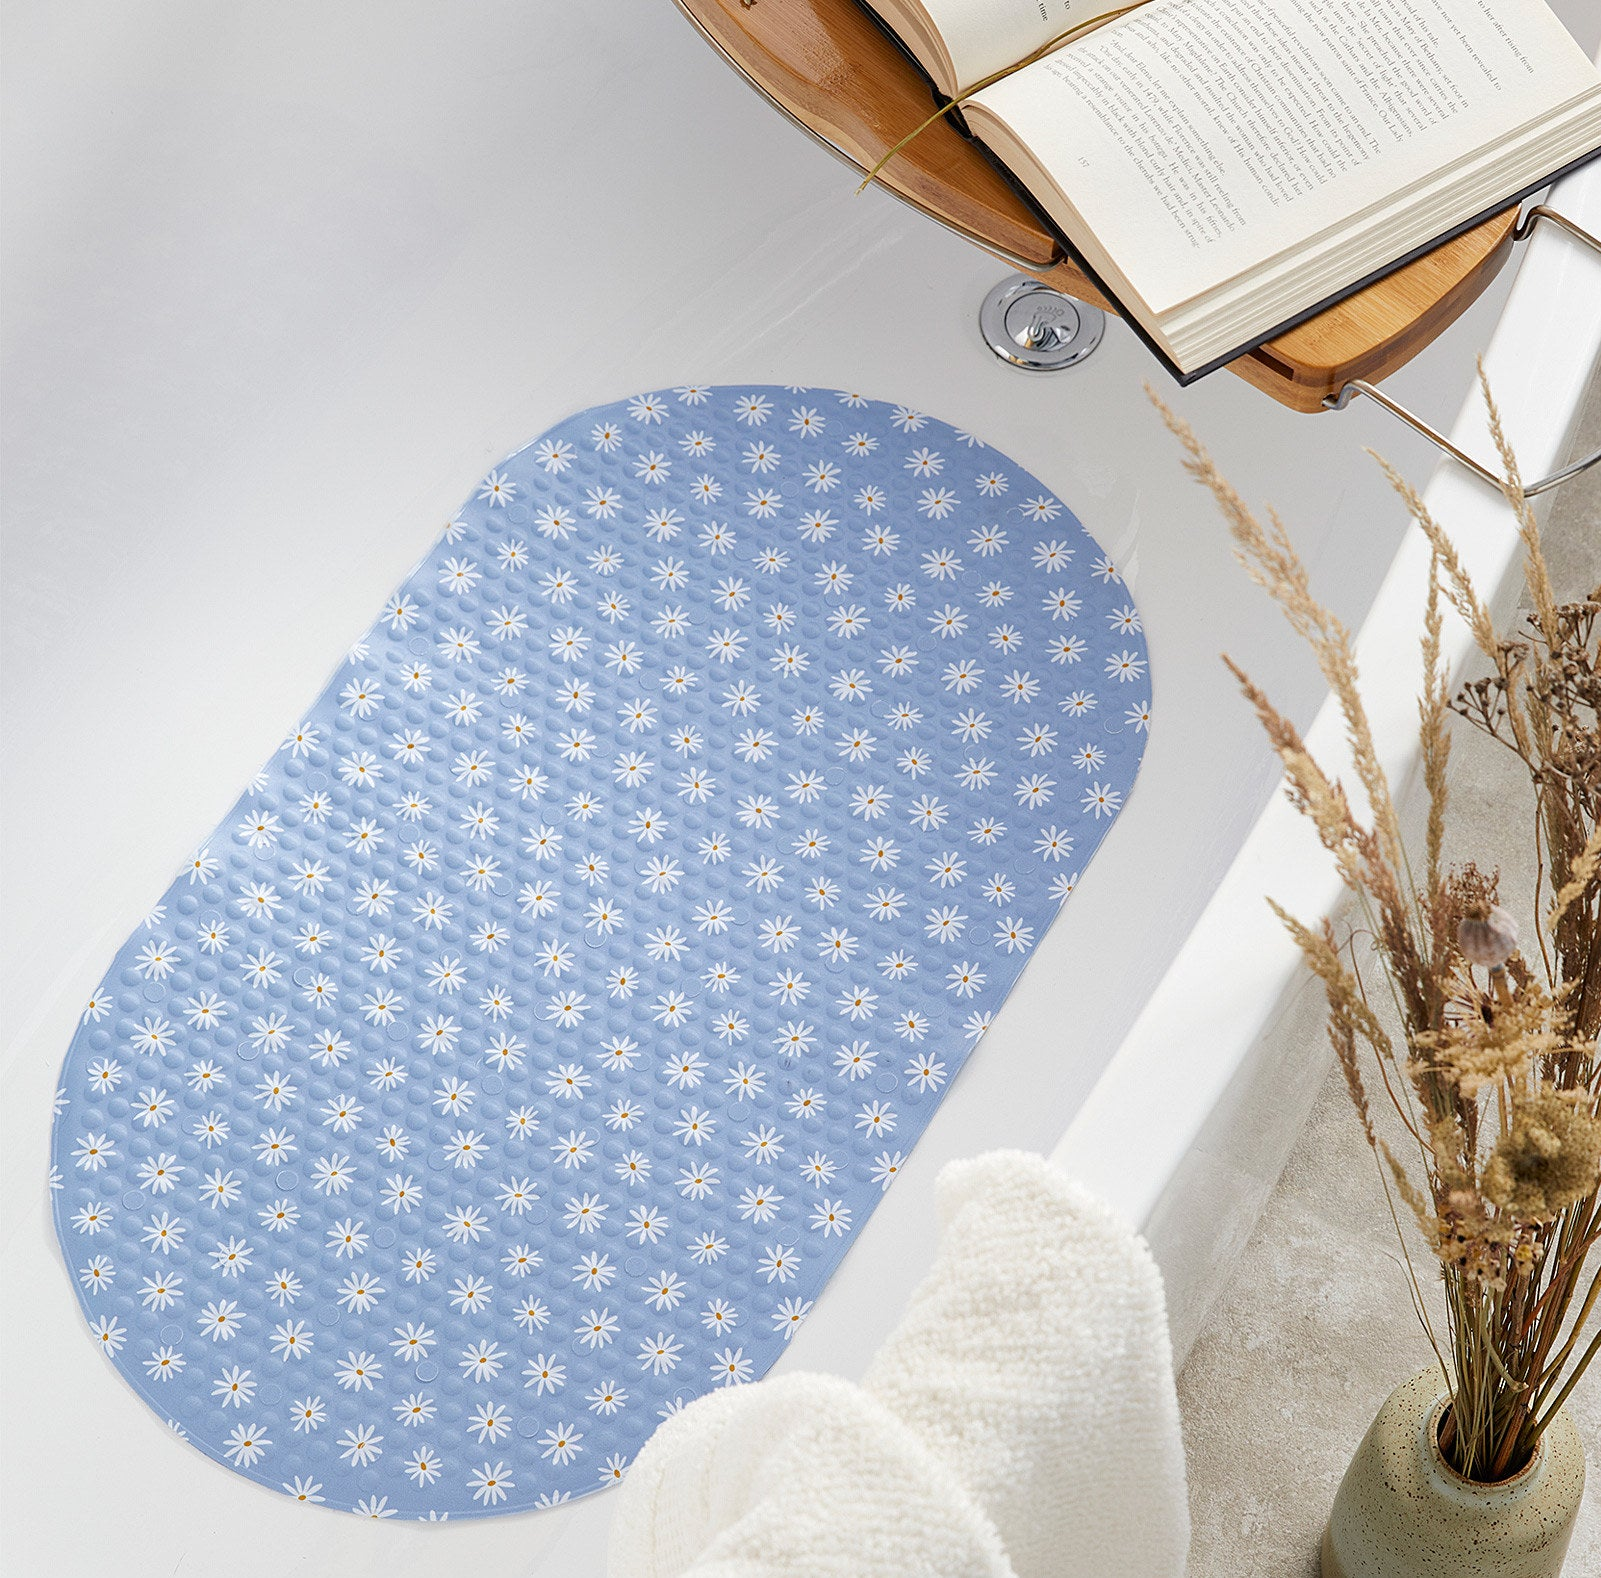 a floral bath mat in a tub